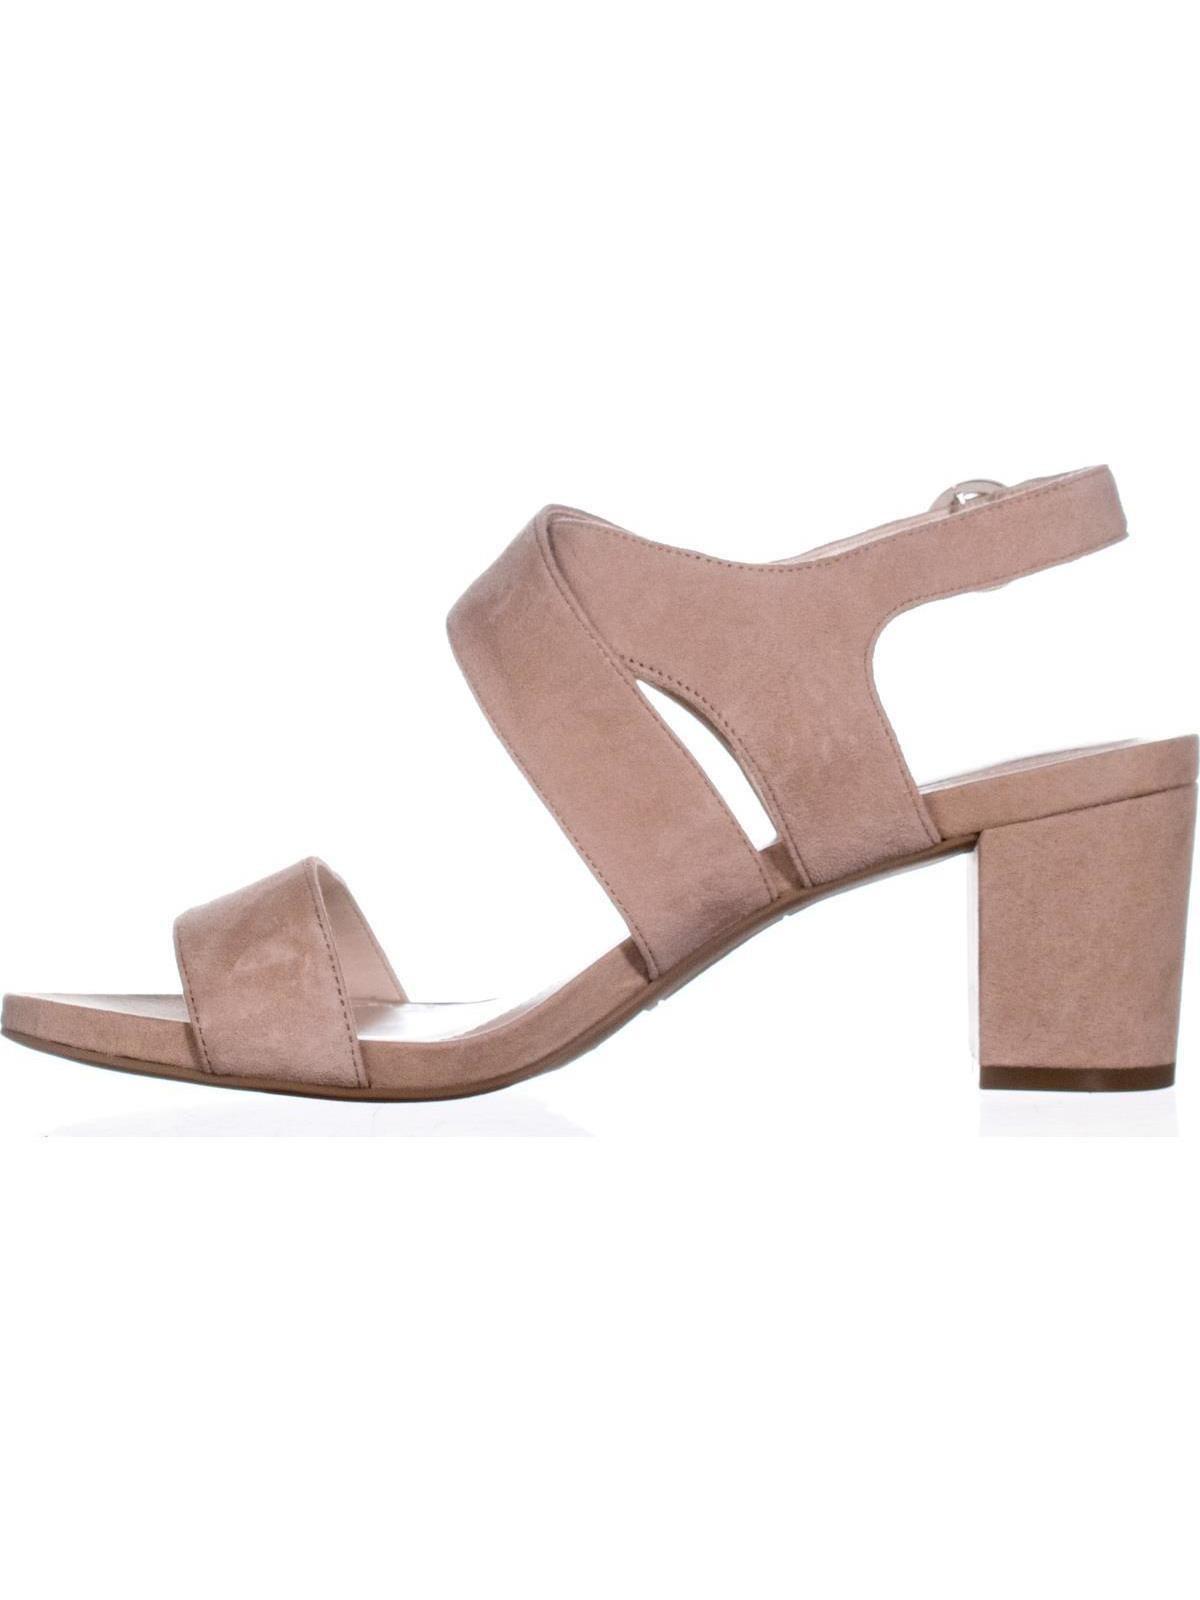 2326e4d15c1f A35 Regann Block-Heel Sandals